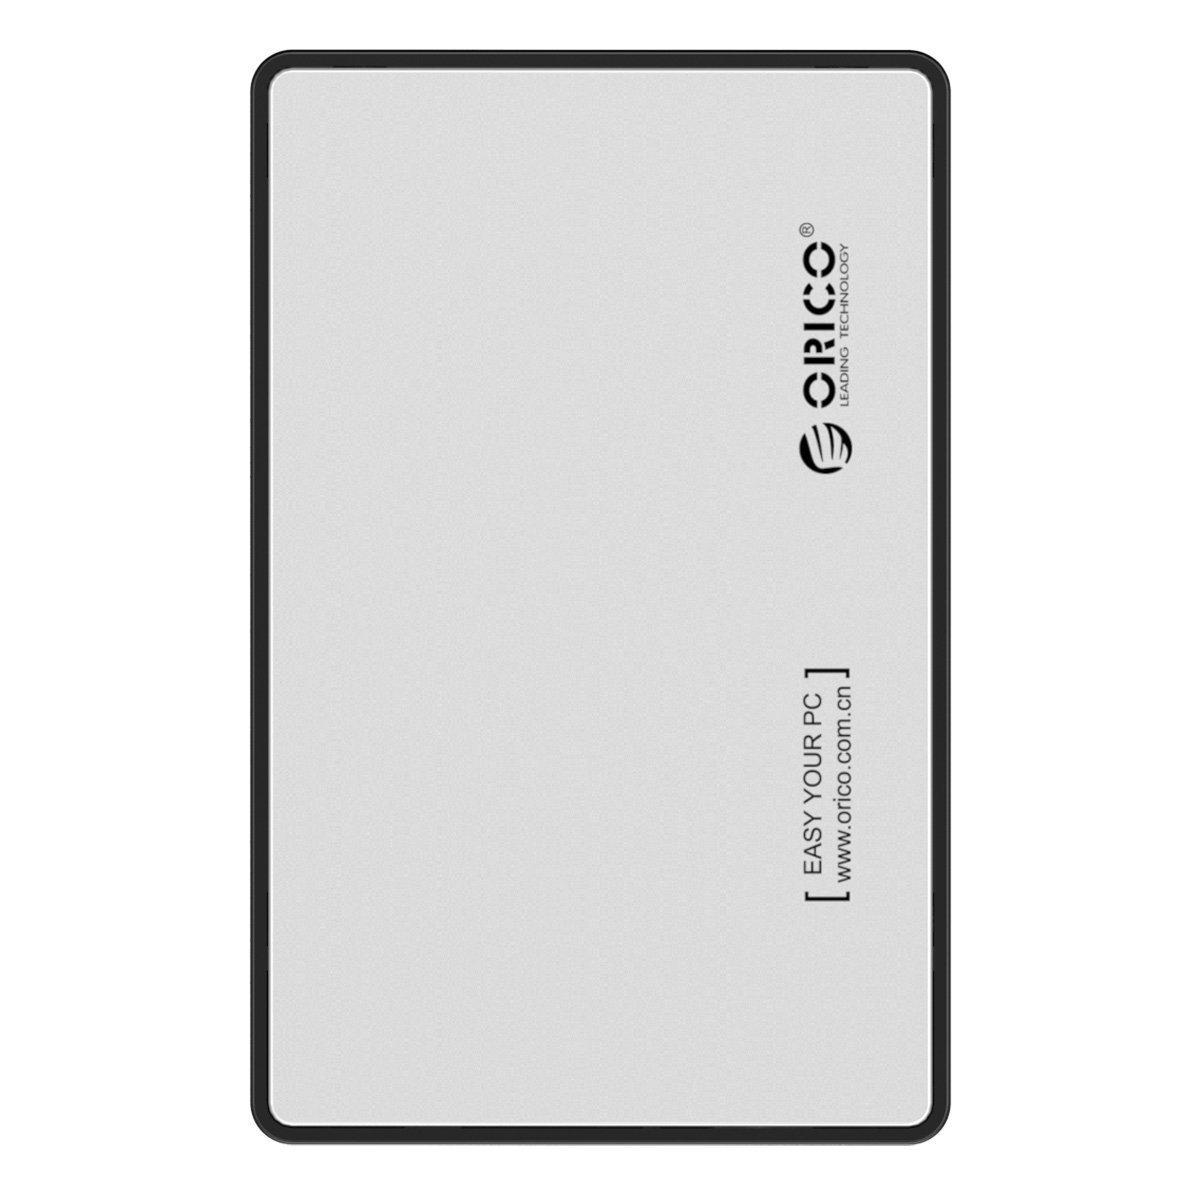 Orico Caja de disco duro externo USB 3.0 con UASP para SATA III HDD y SSD de 2,5 pulgadas - Plateado